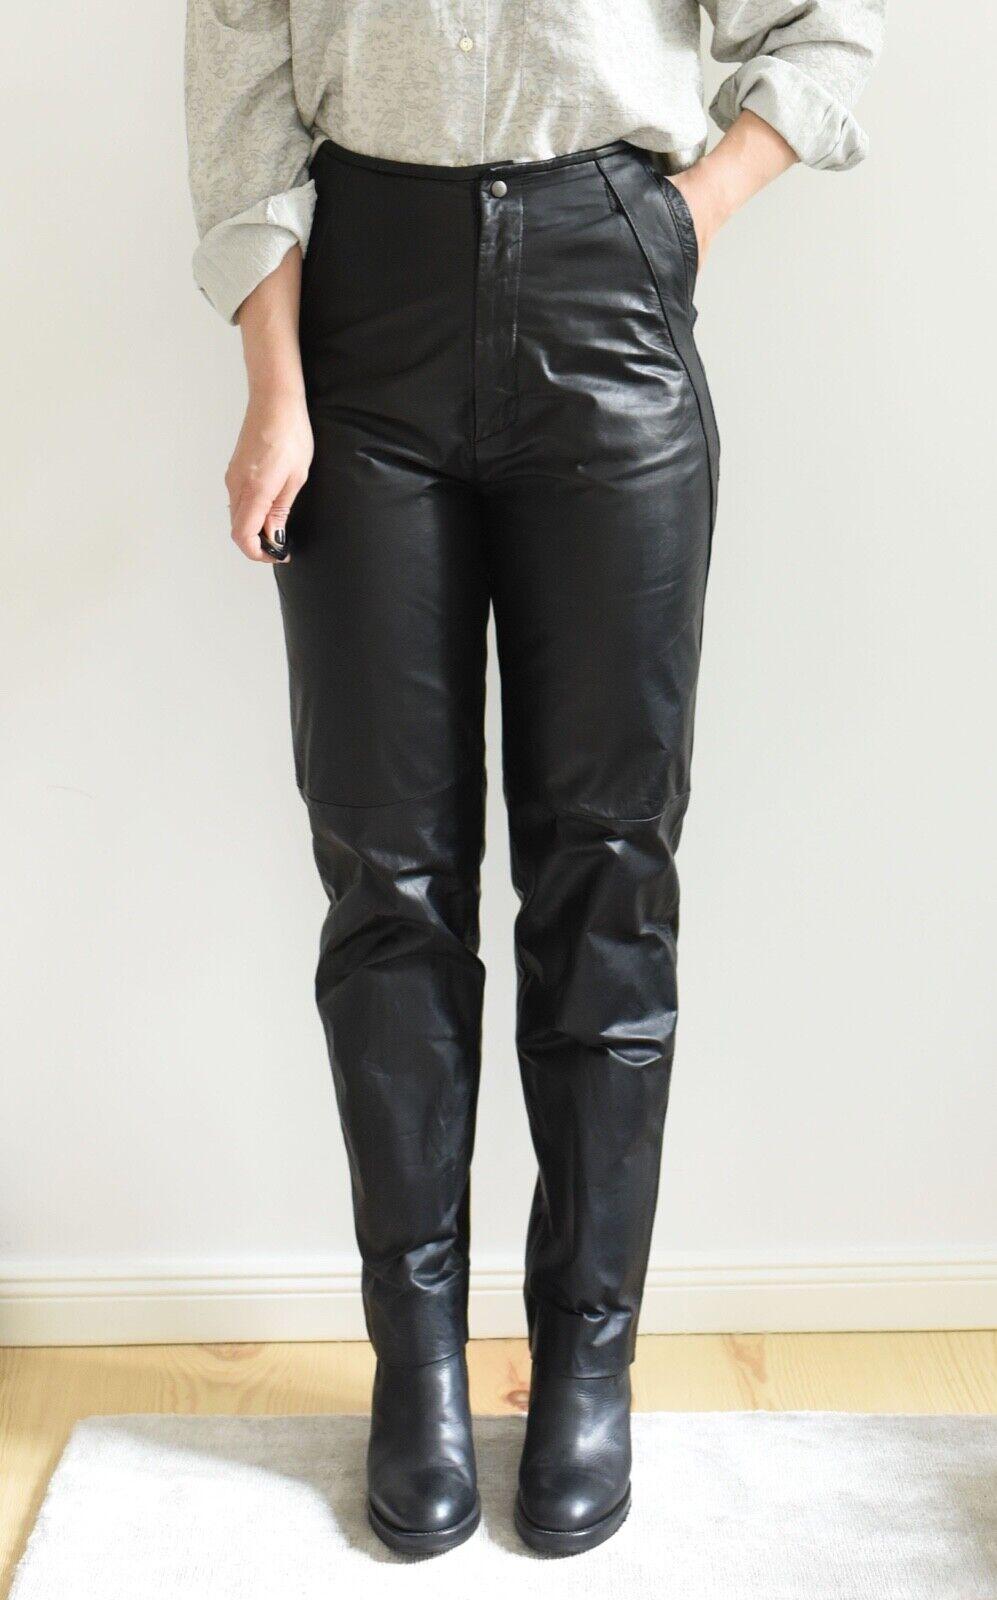 Vintage Lederhose C&A high-waist gerades Bein schwarz Biker grunge boho *38/40